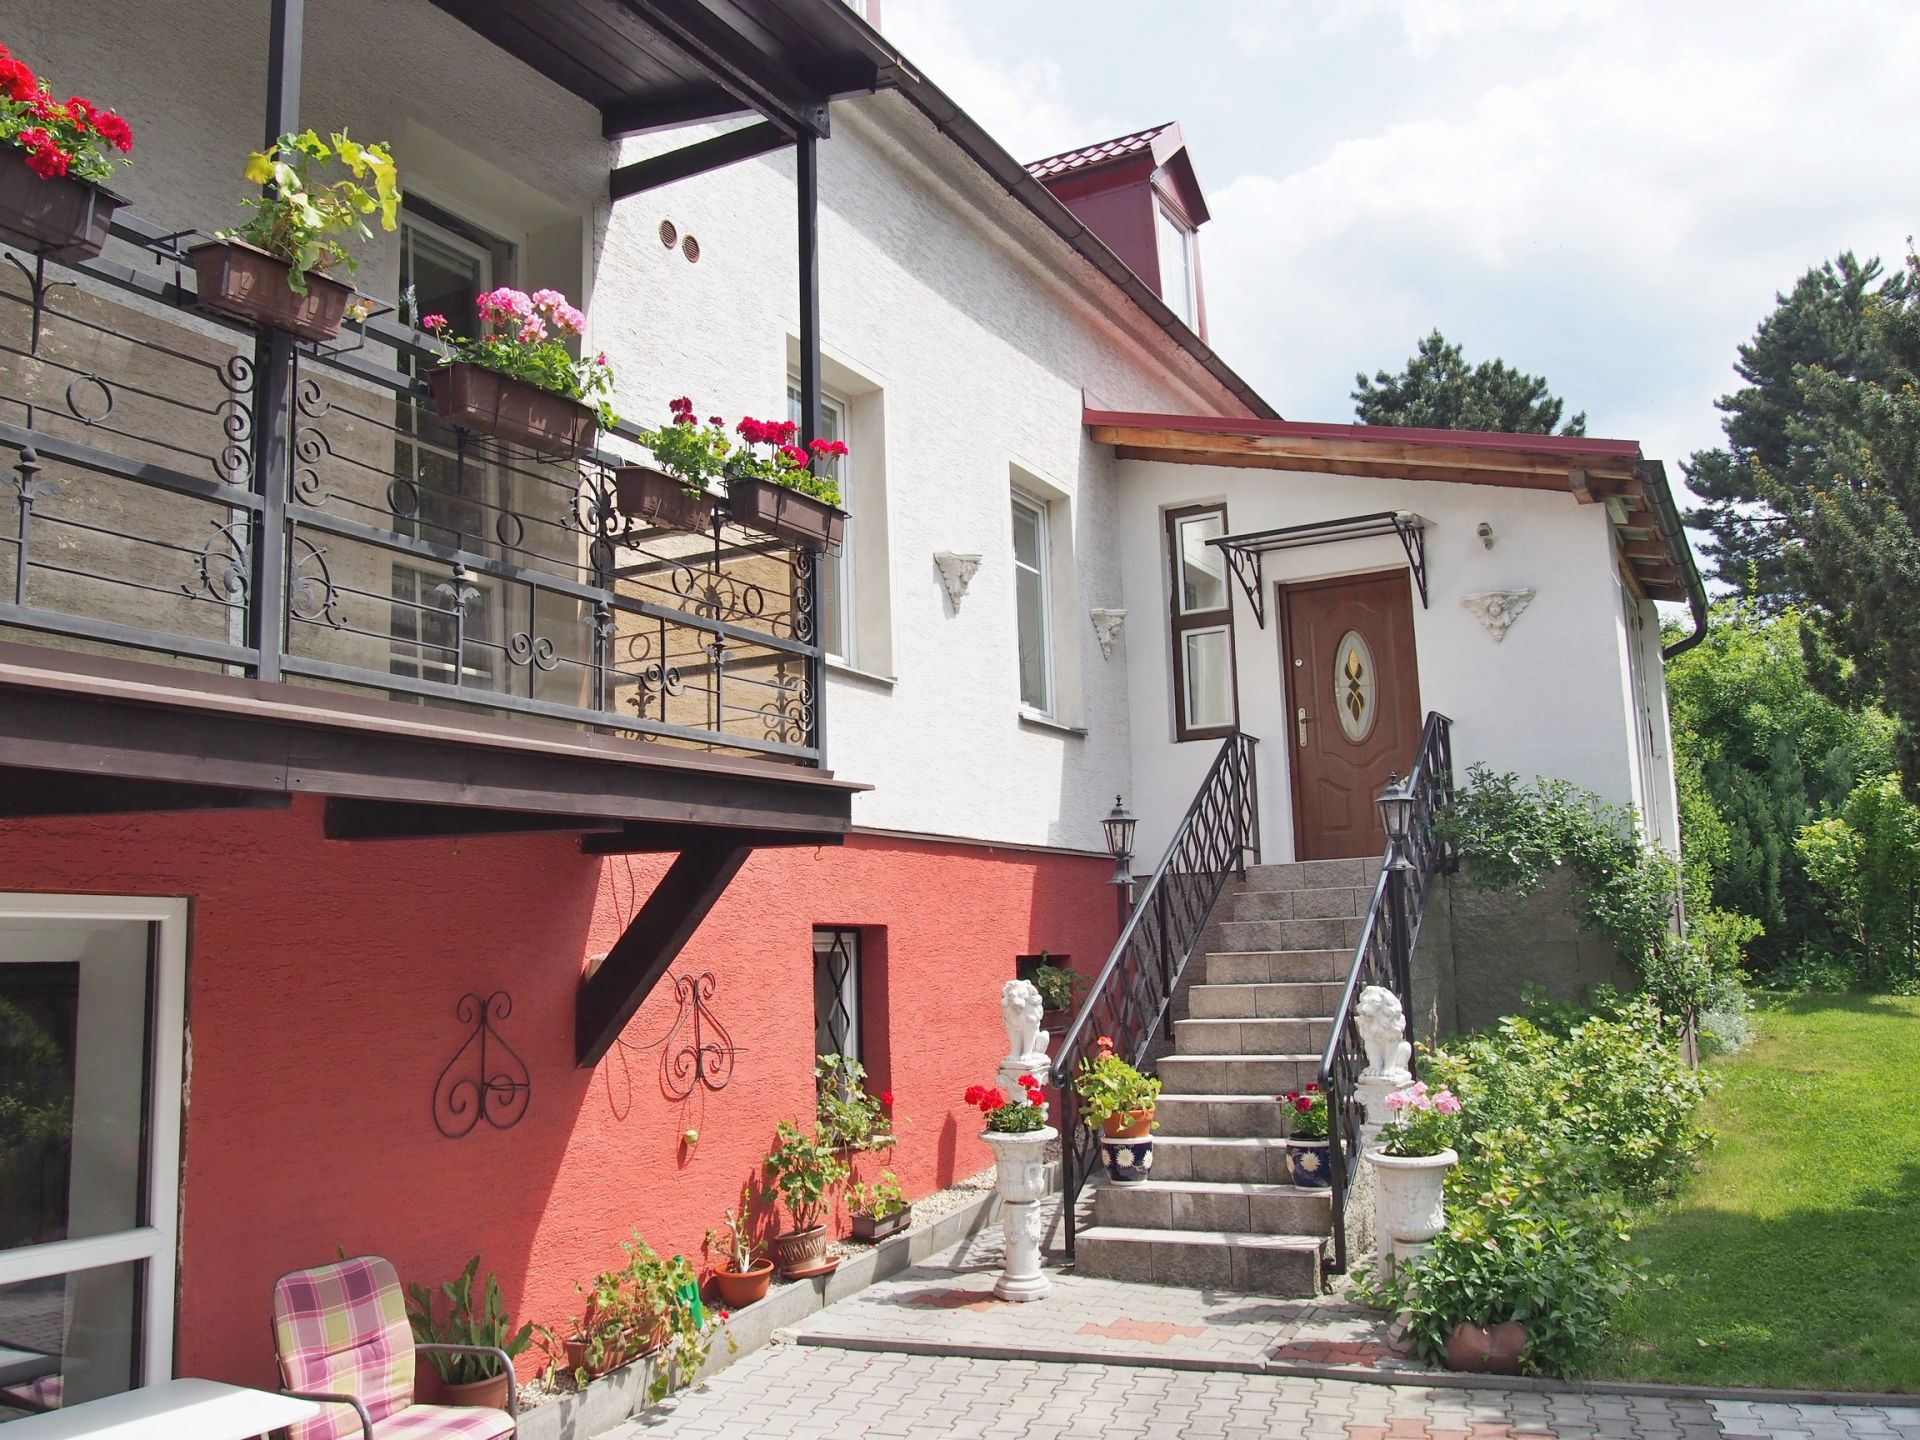 Prodej RD kompletně zrekonnstruovaného, nedaleko centra města Liberec